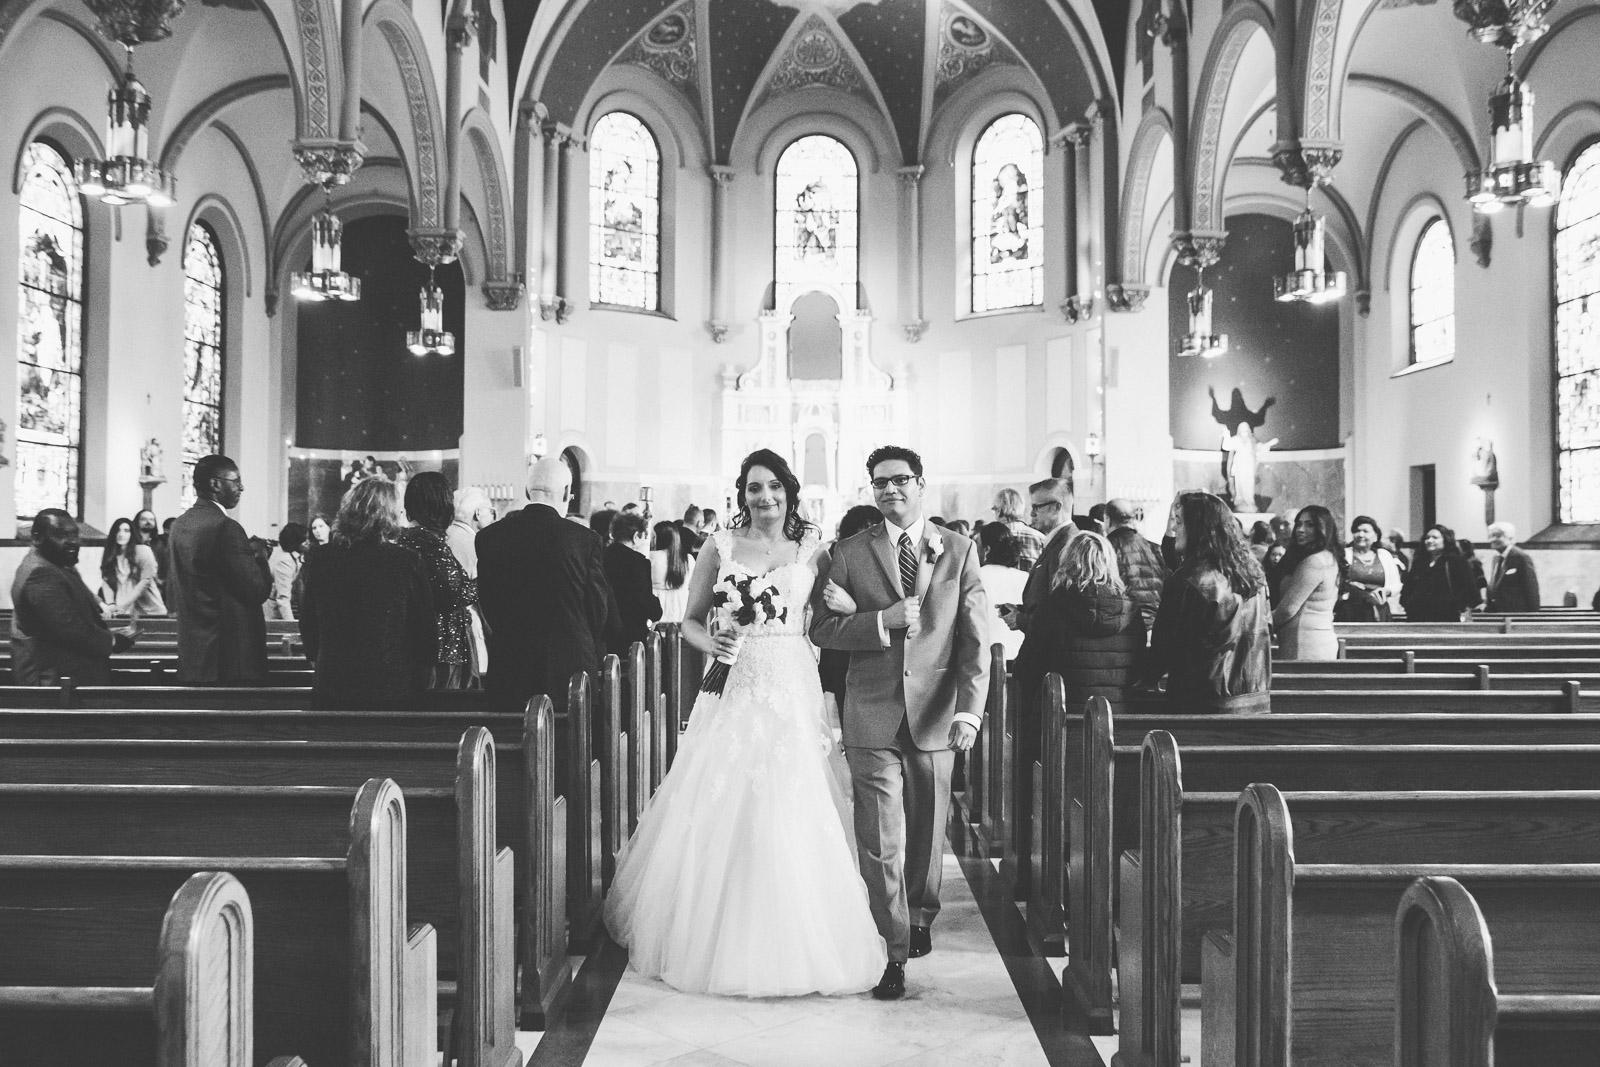 tara-yareb-wedding-019-blog.jpg